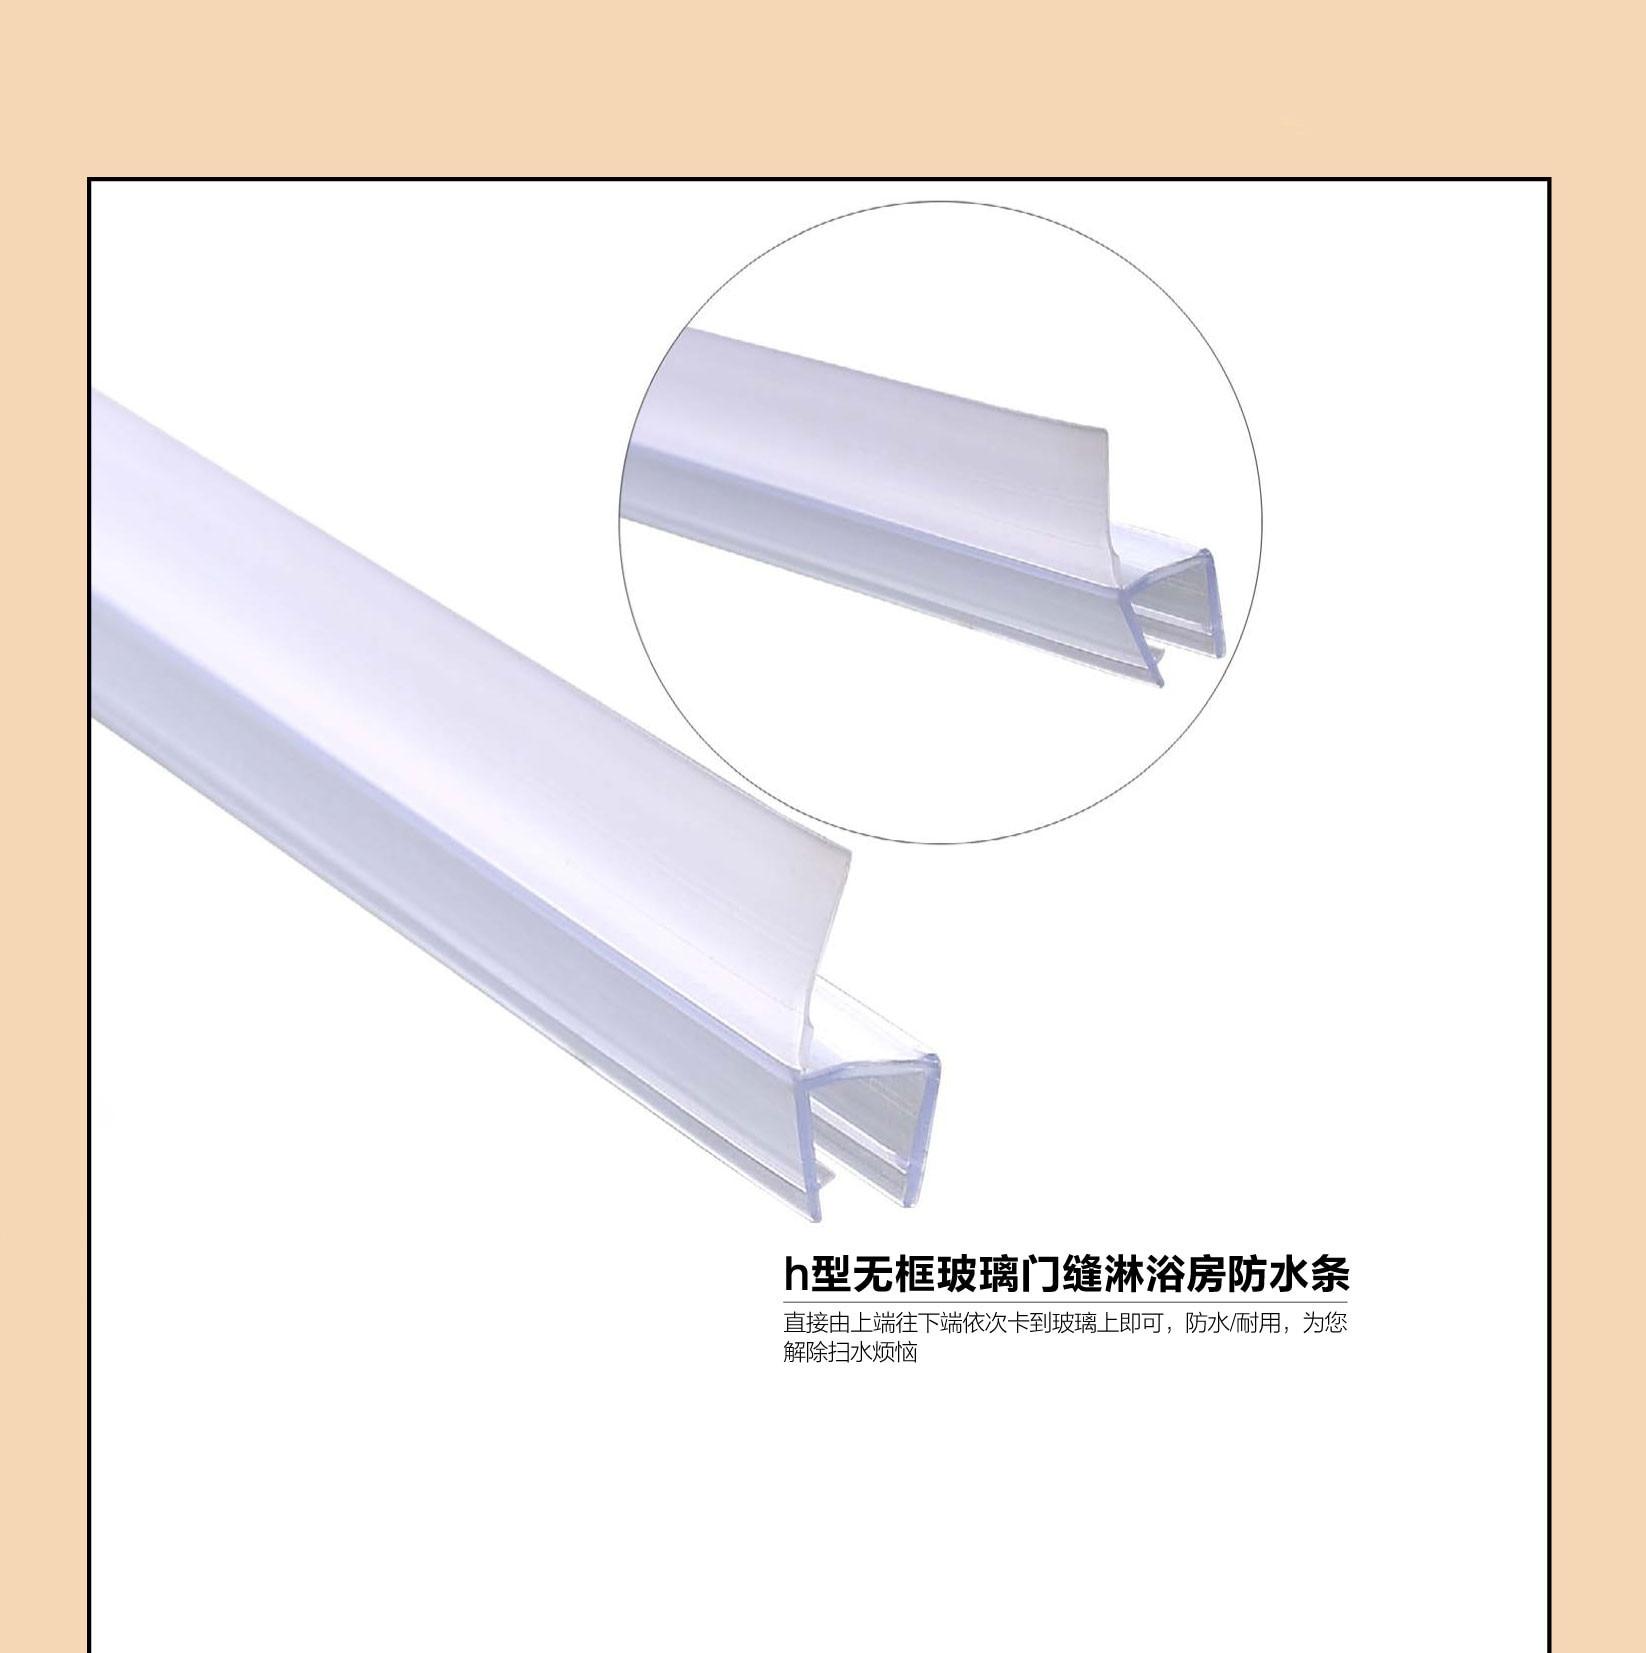 2m Piece Glass Shower Door Plastic Door Seal Strip In Stock